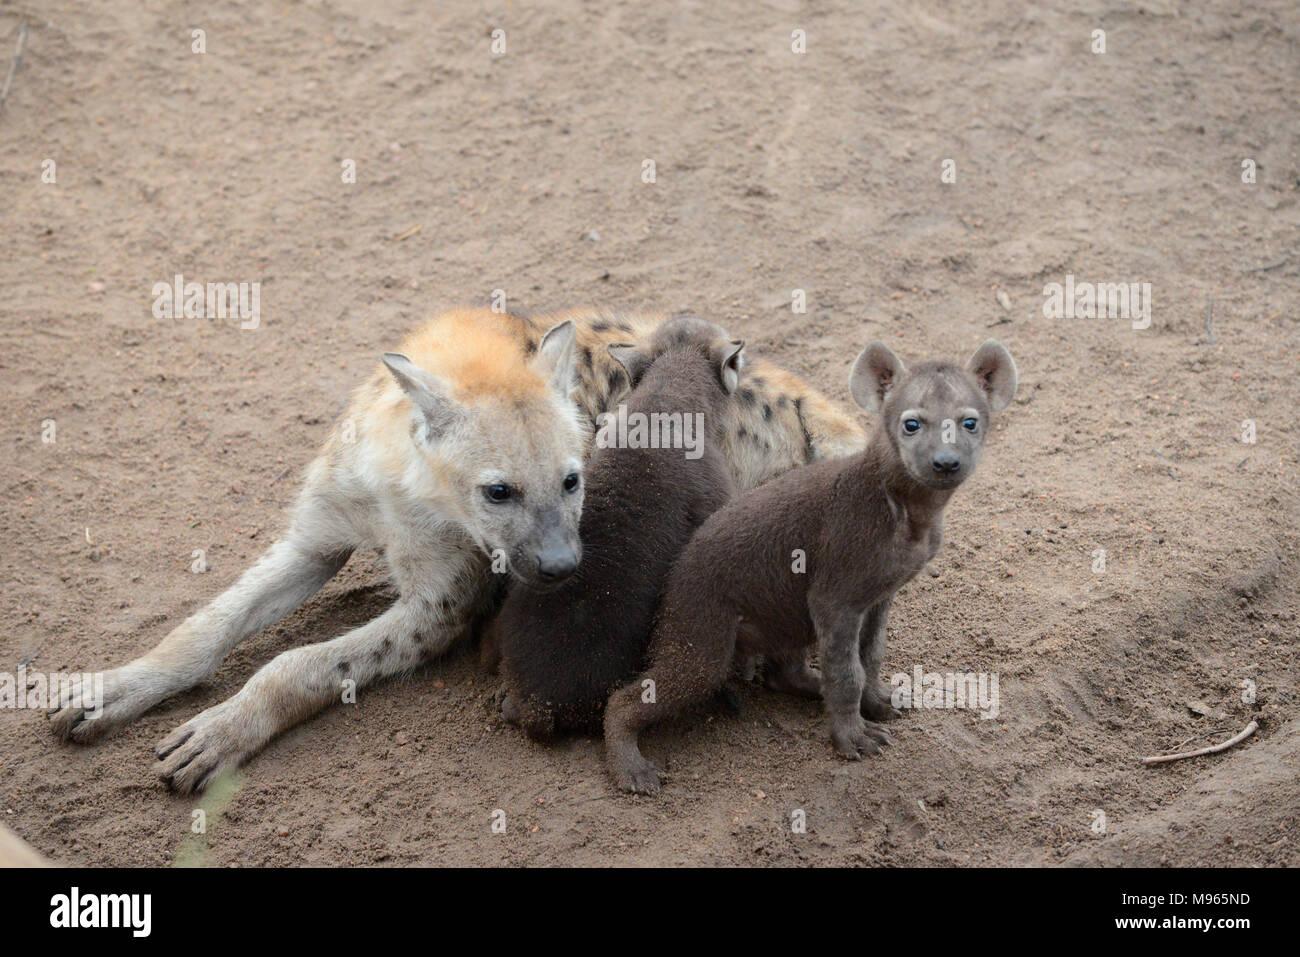 Südafrika ist ein beliebtes Reiseziel für seine Mischung aus echten afrikanischen und europäischen Erfahrungen. Kruger Park saugen Hyäne Welpen. Stockfoto